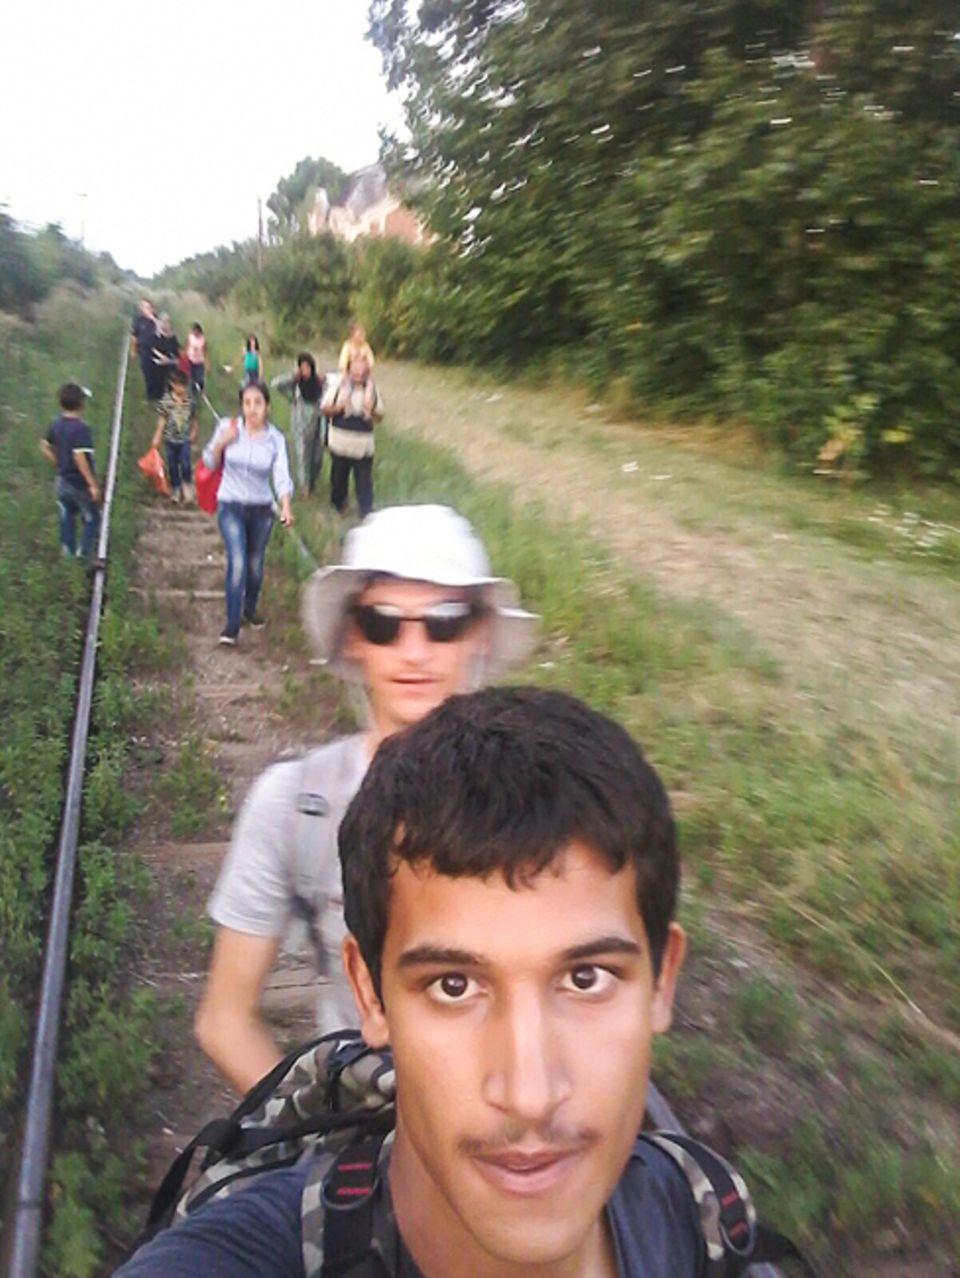 Flüchtlinge: Damit sie sich nicht verirrt, folgt die Familie den Bahnschienen. Der älteste Sohn Abdul Nasir geht voran